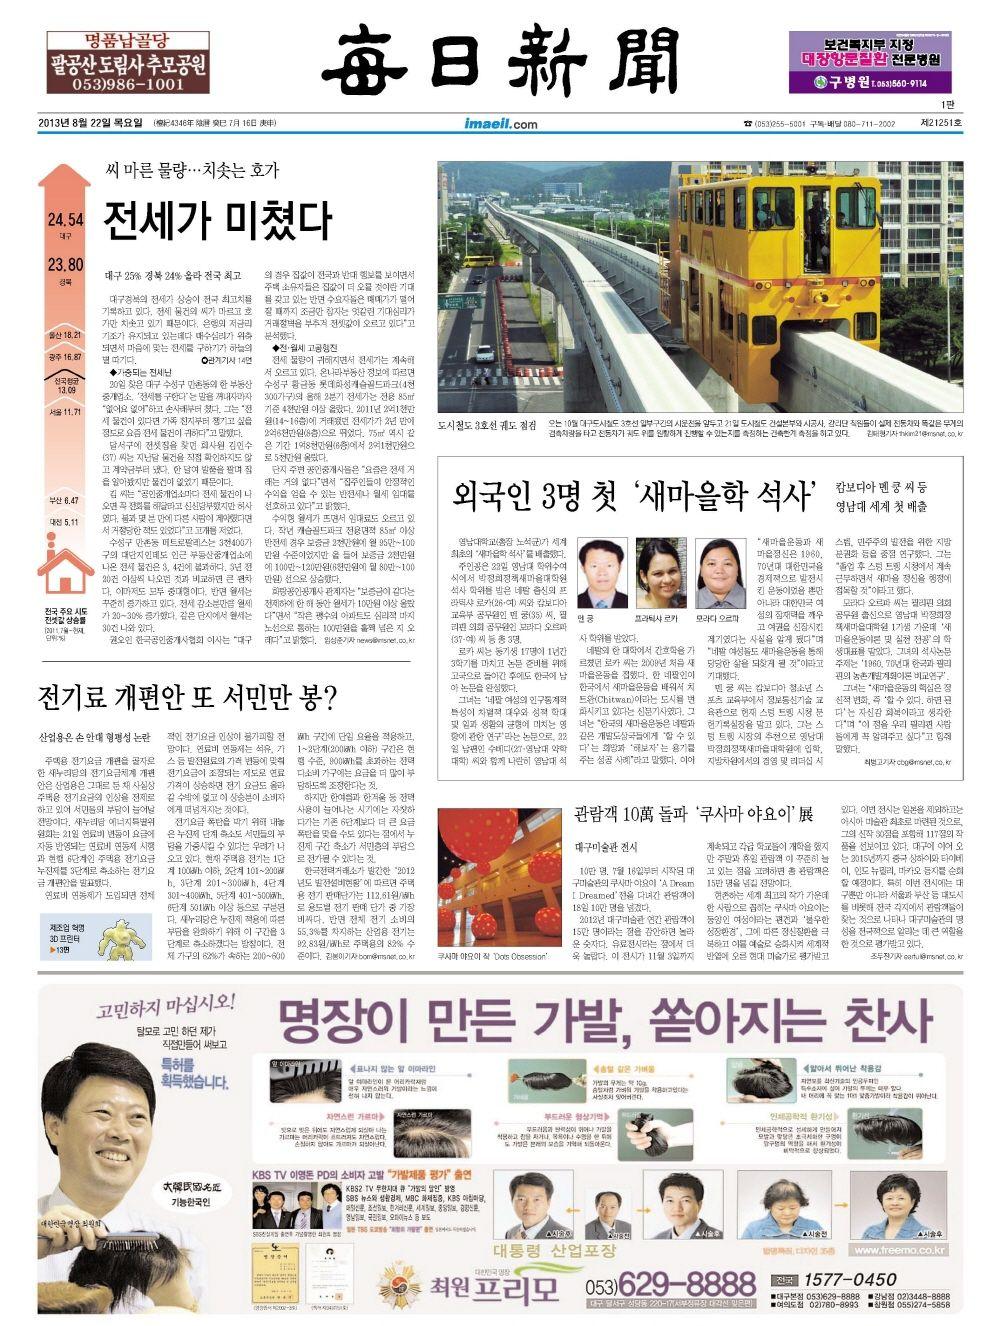 2013년 8월 22일 목요일 매일신문 1면